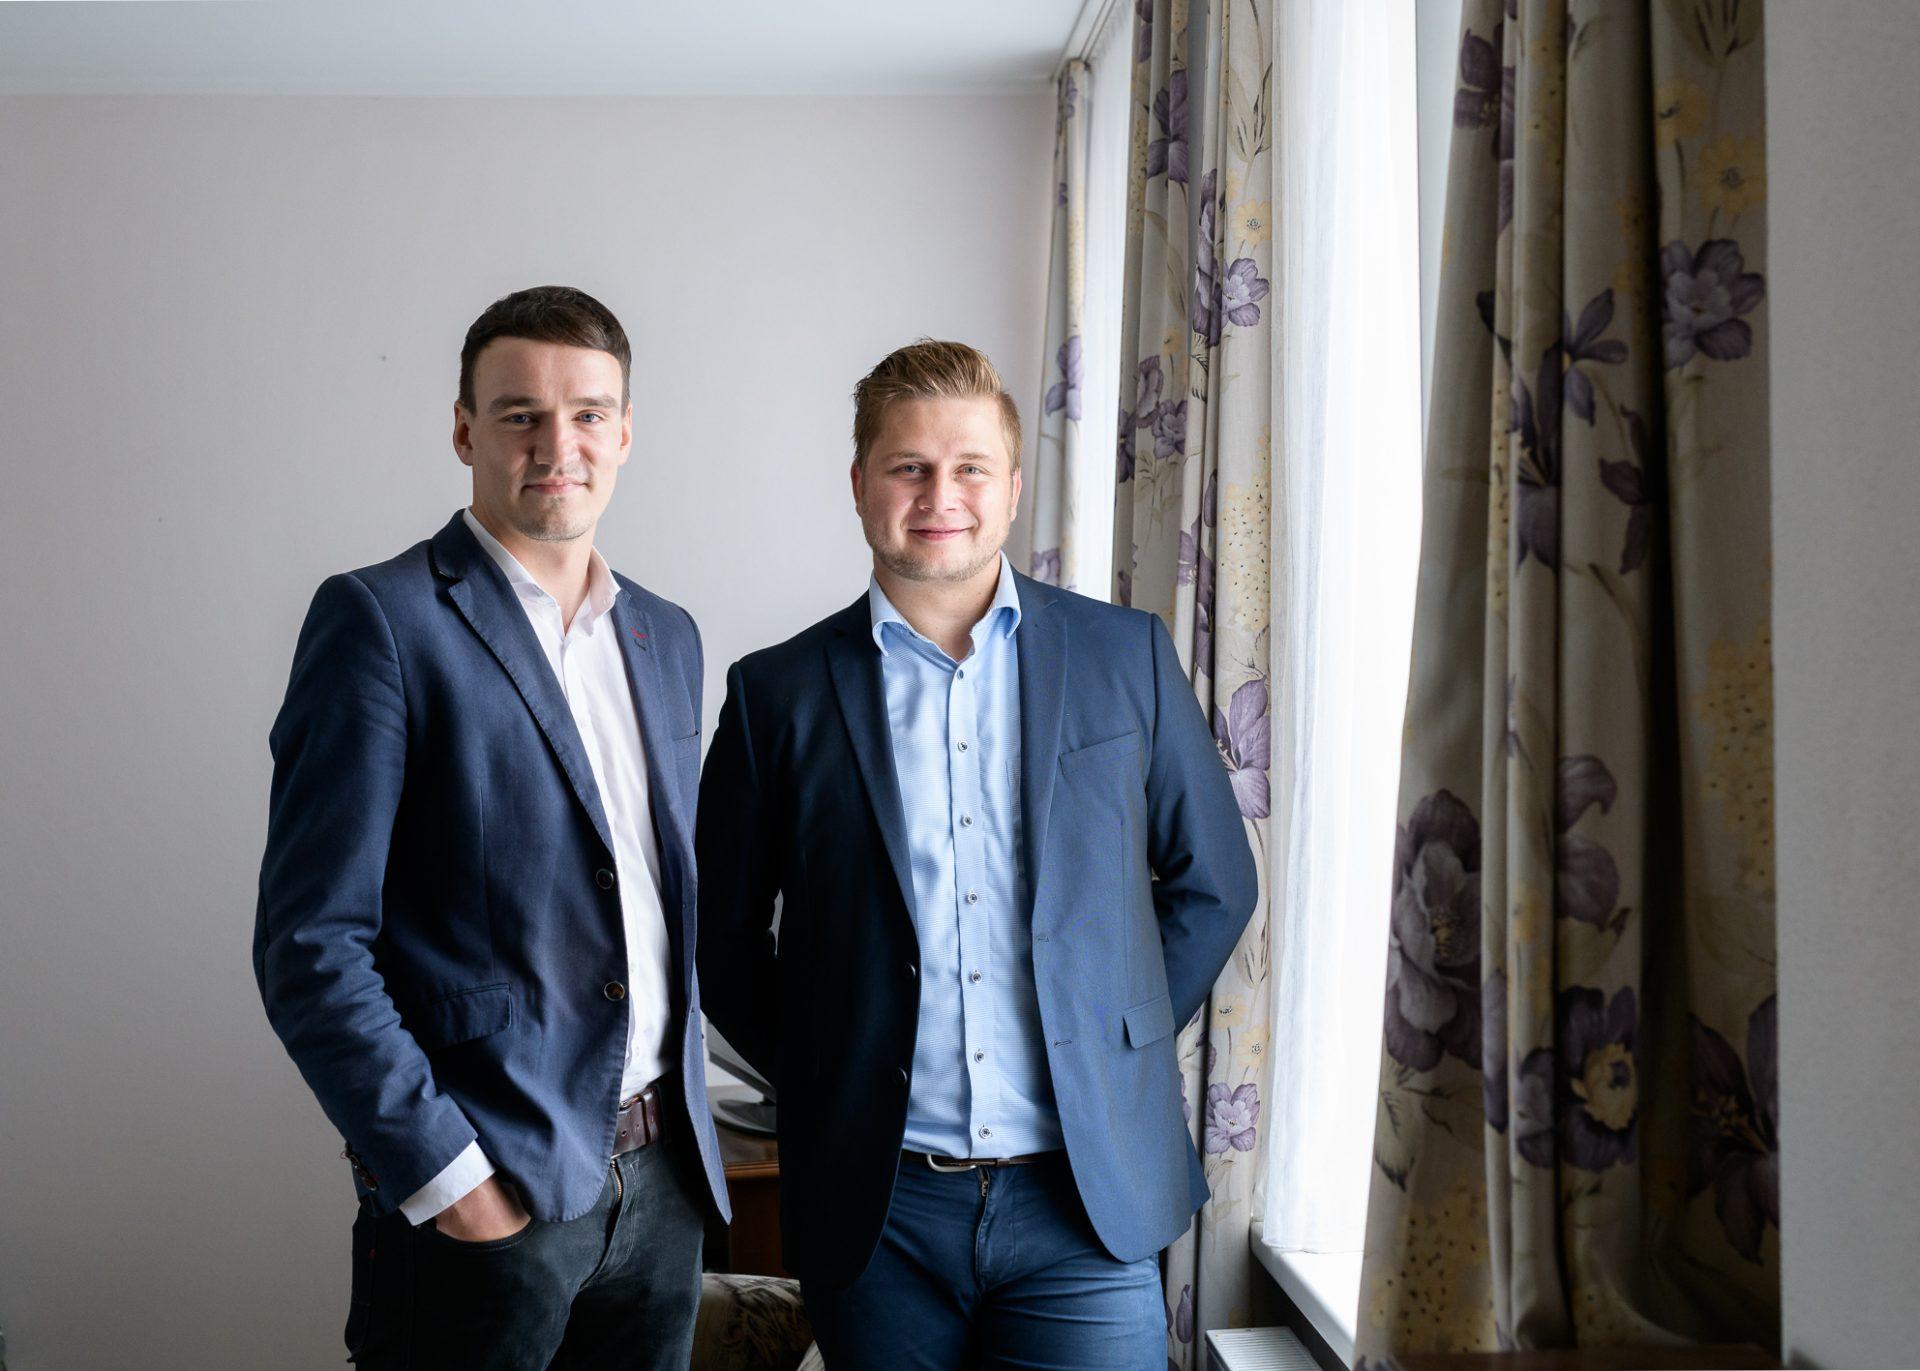 Weiteres Wachstum Garantiert:  Die Pflegeplatzmanager GmbH Schließt Eine Finanzierungsrunde Im Einstelligen Millionenbereich